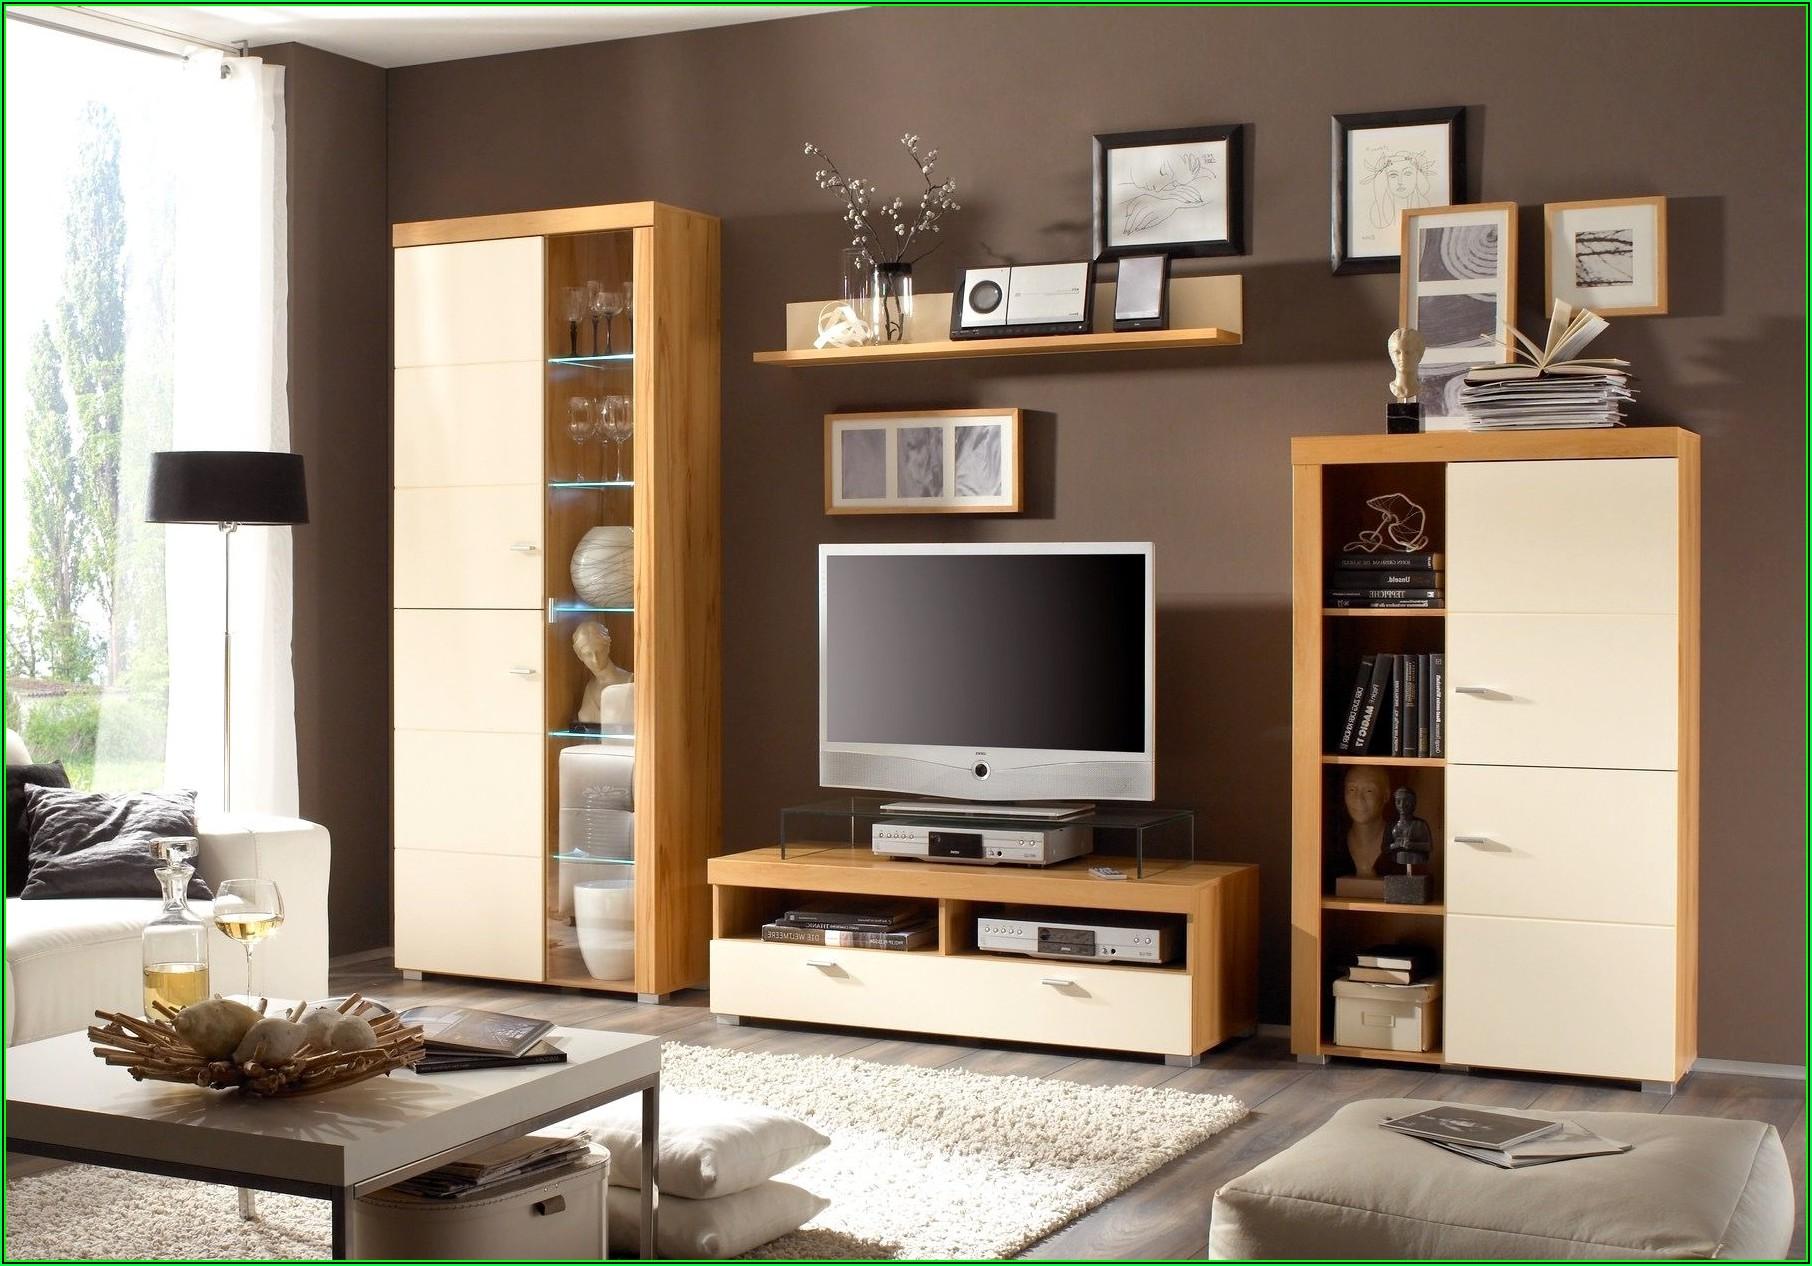 Wohnzimmer Ideen Buche